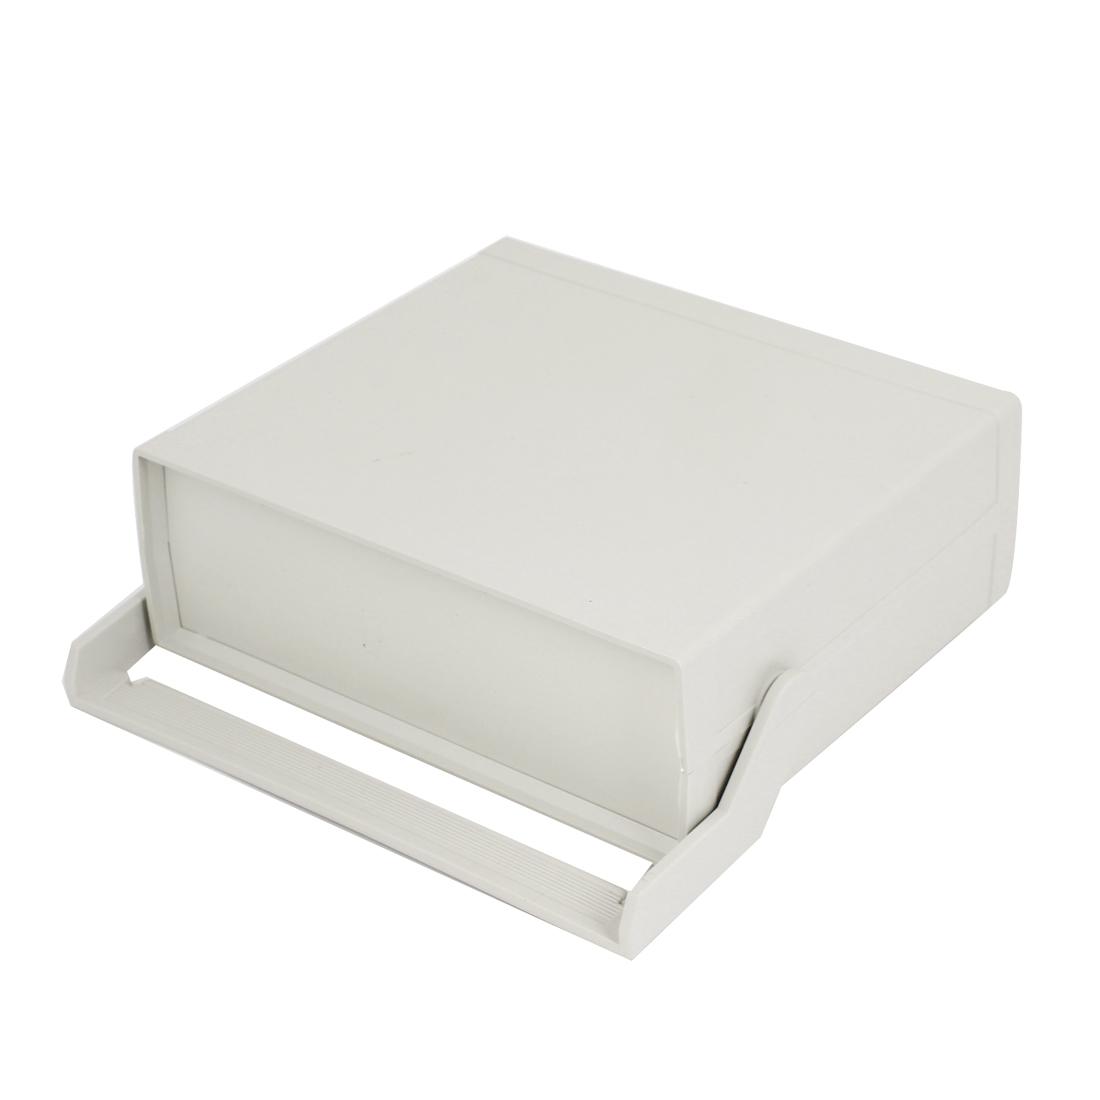 Plastic Enclosure Project Junction Box Case 195 x 175 x 70mm